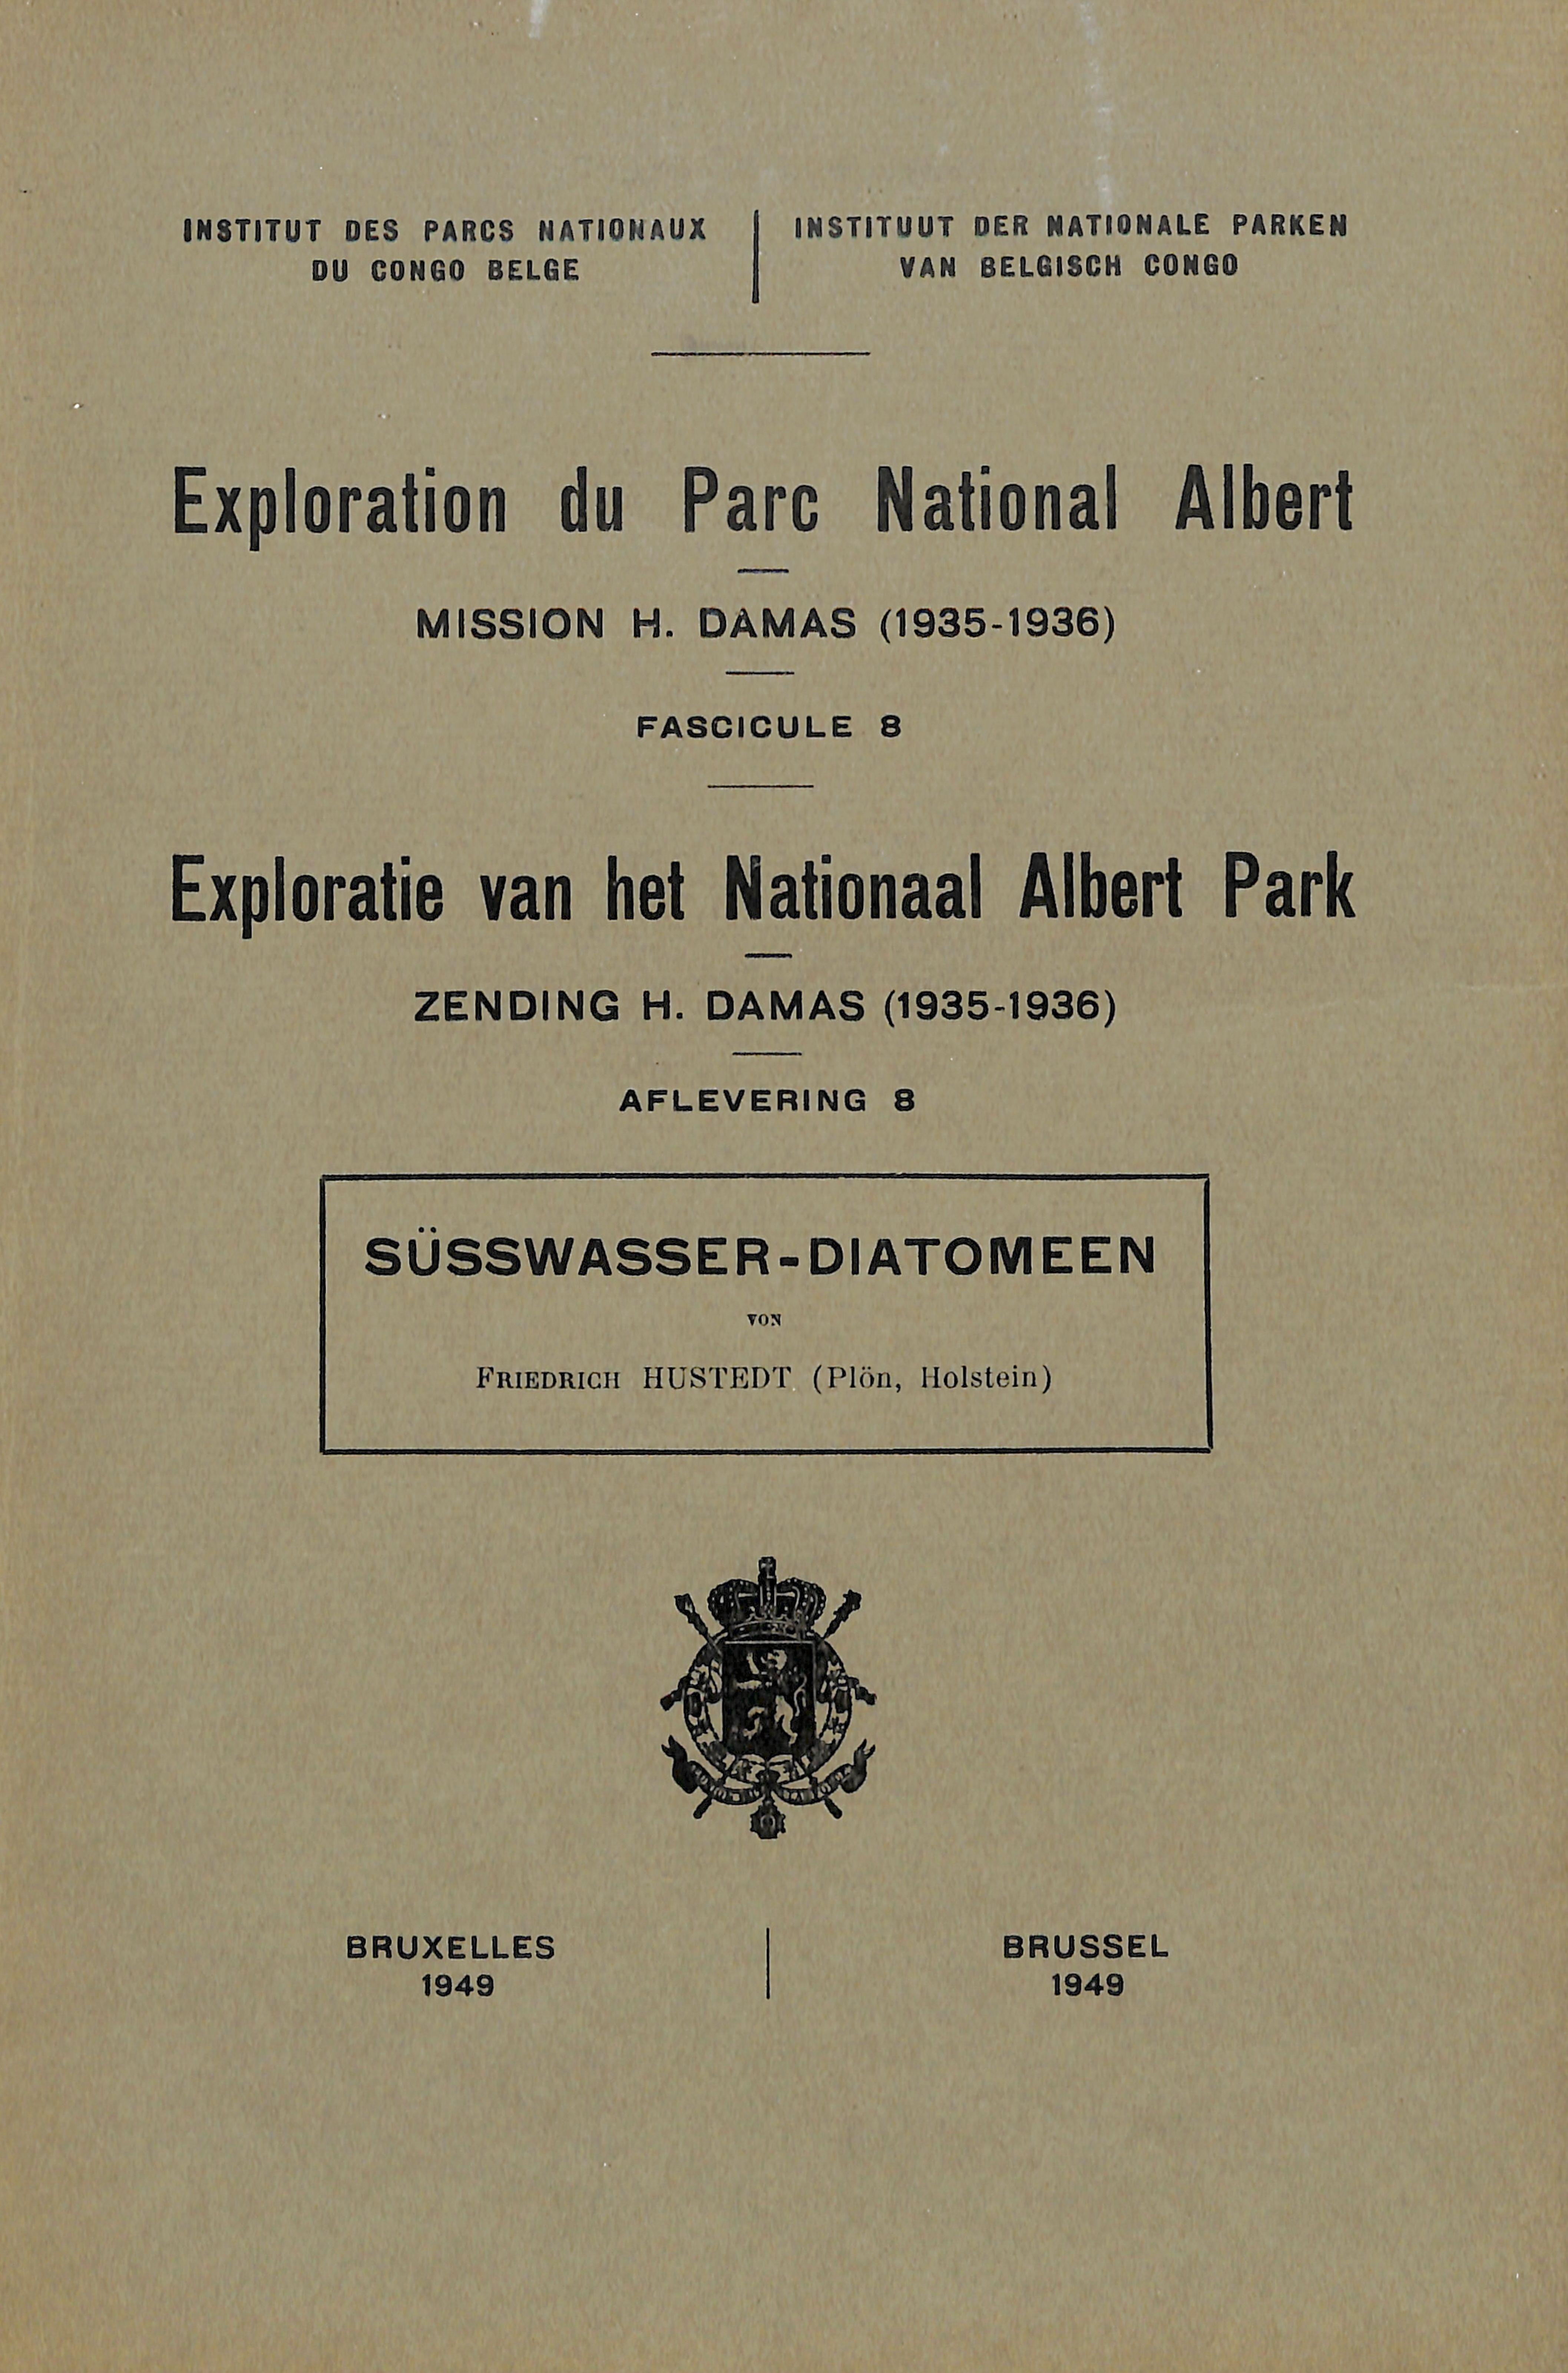 Albert 1949-8.jpg